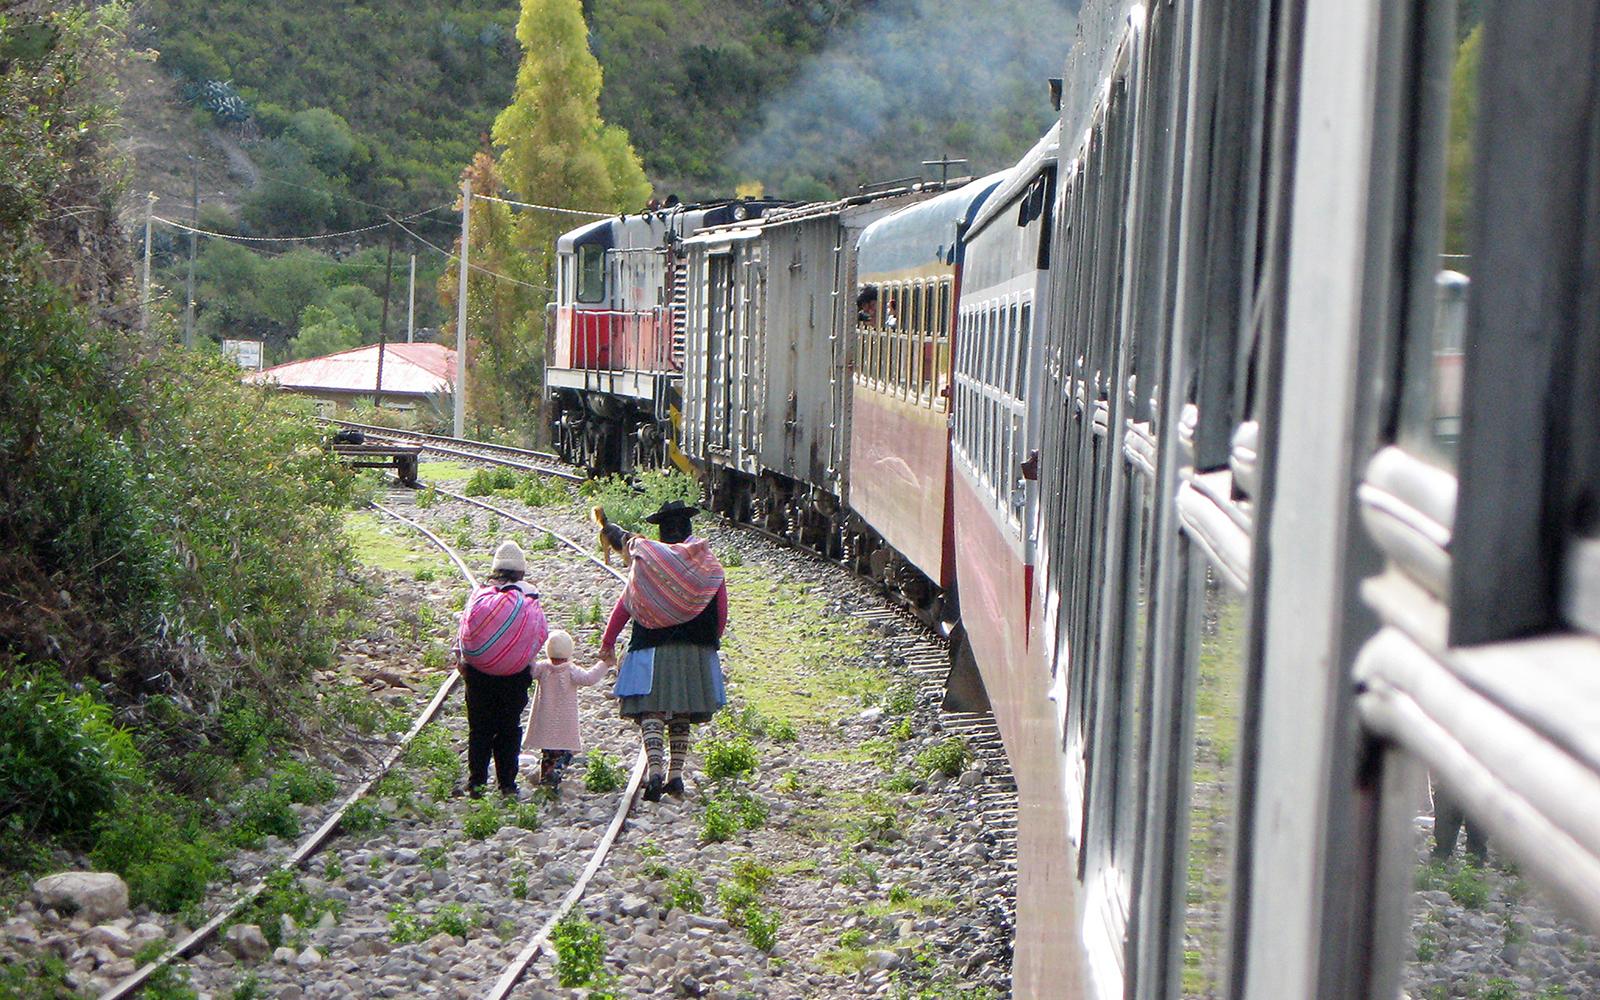 ©Foto: Railmen-Lokführer Jörg Watzek ist im Urlaub auf der ganzen Welt unterwegs. Hier hat er denberühmten Tren Macho fotografiert. Der braucht über die Anden 6 Stunden für 129 Kilometer durch 38 Tunnel und führt maximal 35 Kilometer pro Stunde. In der Regel aber ist er viel langsamer.